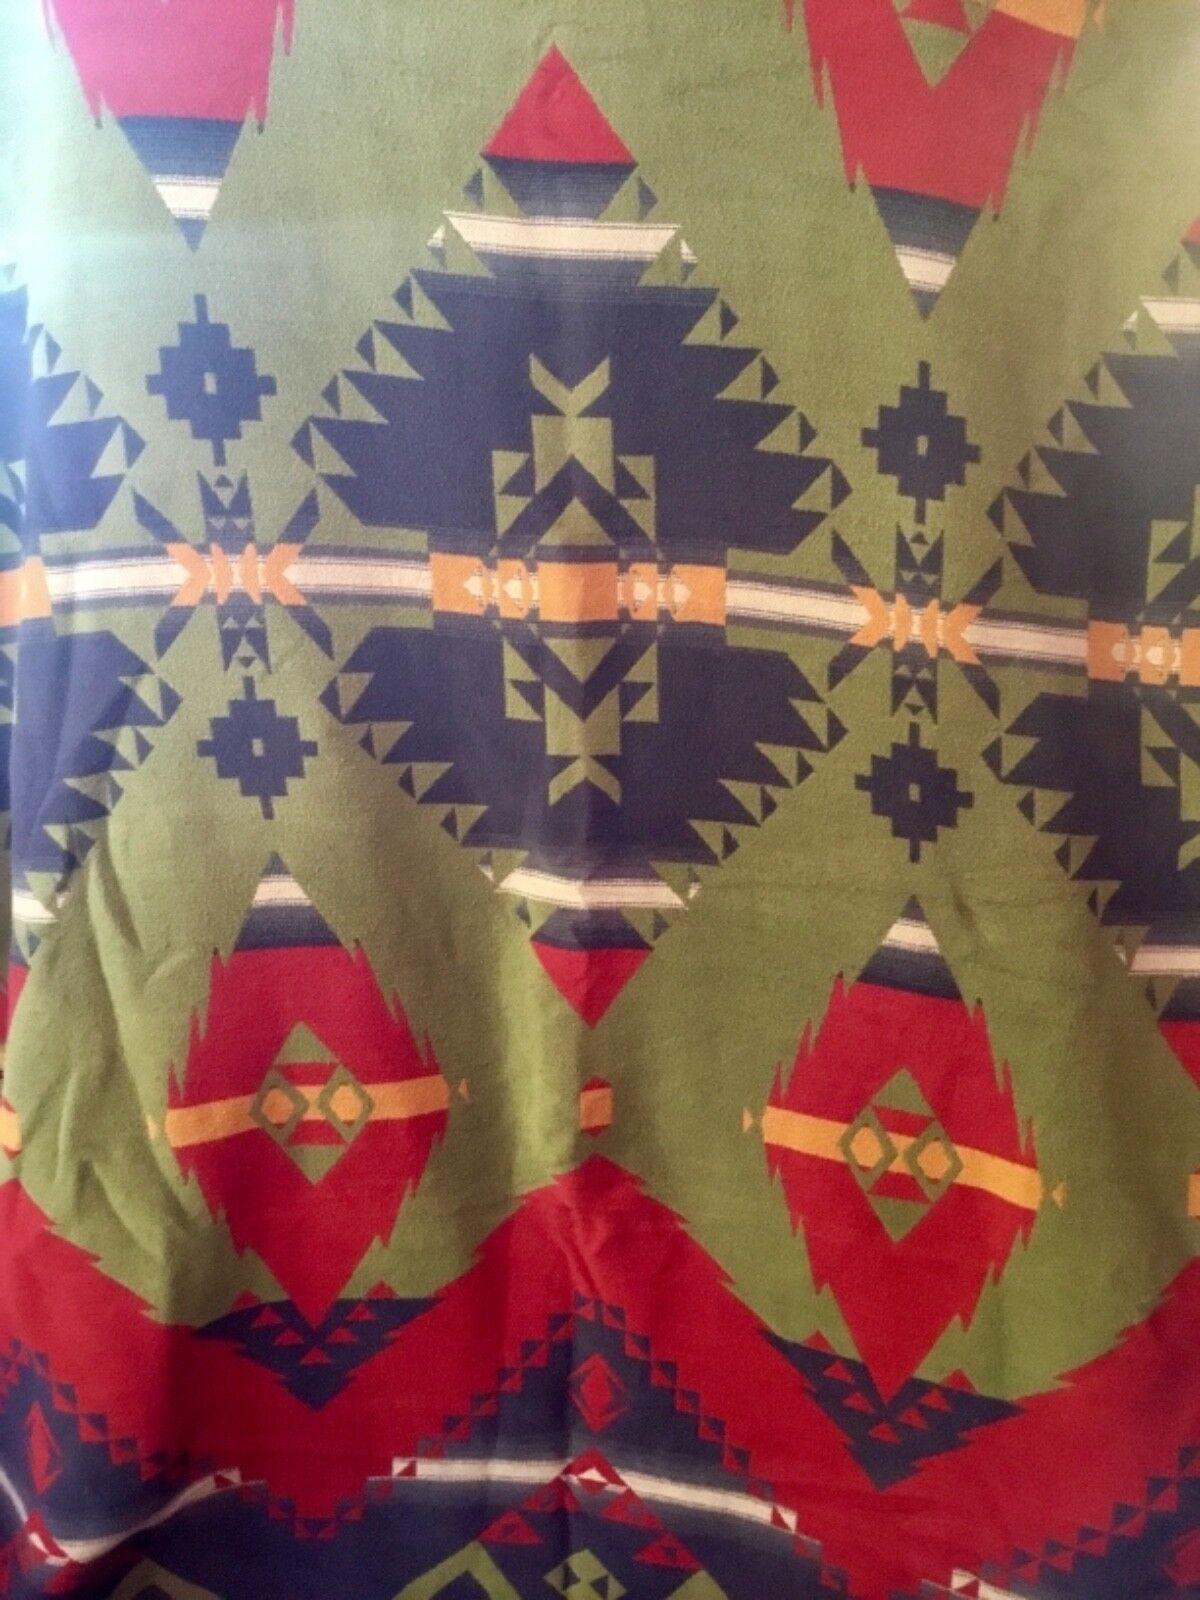 RARE RALPH RALPH RALPH LAUREN GALWAY TRADING POST SERAPE AZTEC SOUTHWEST TWIN BLANKET THROW bca941